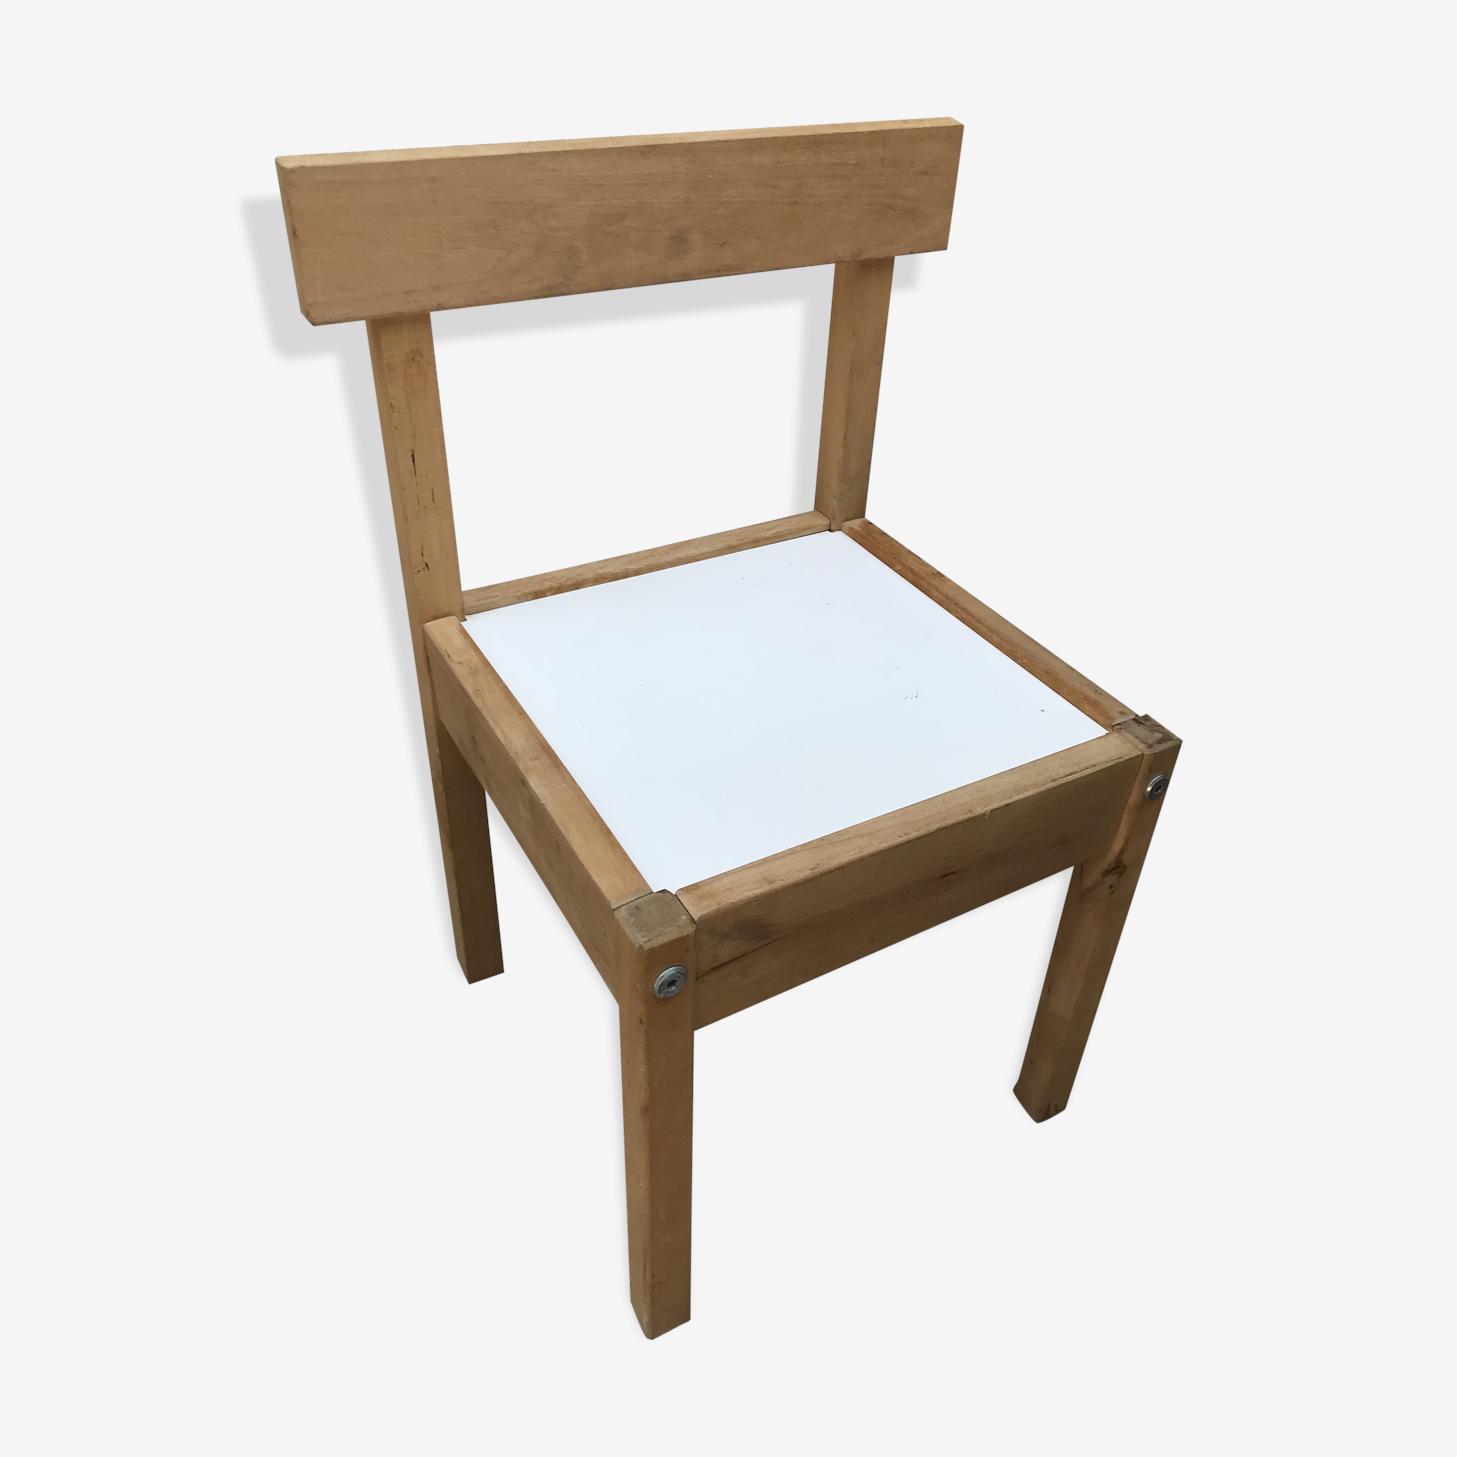 Chair children